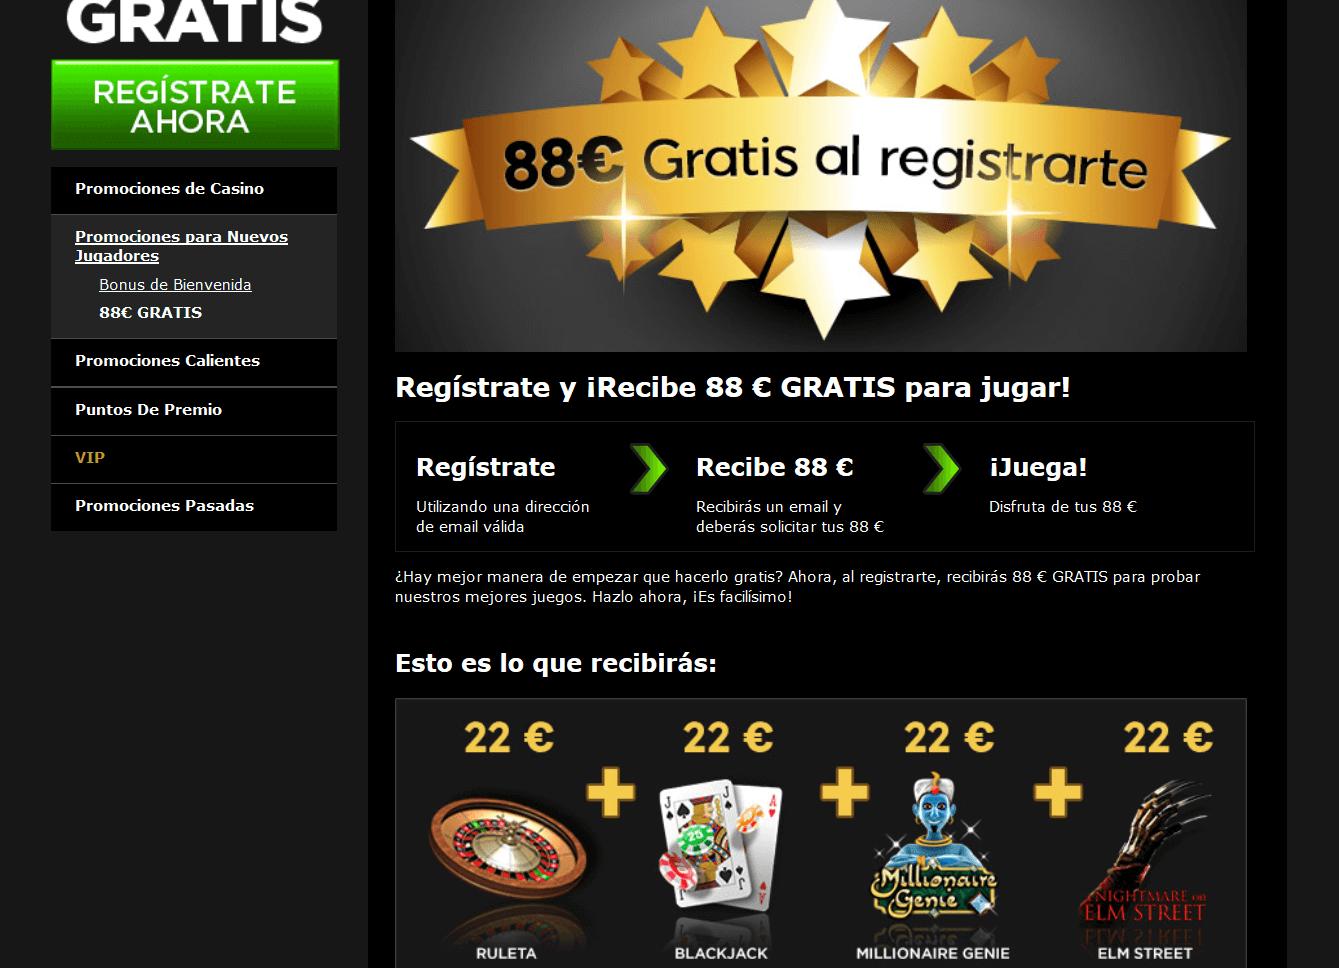 Euros en casinos por registrarte en linea gratis-921818